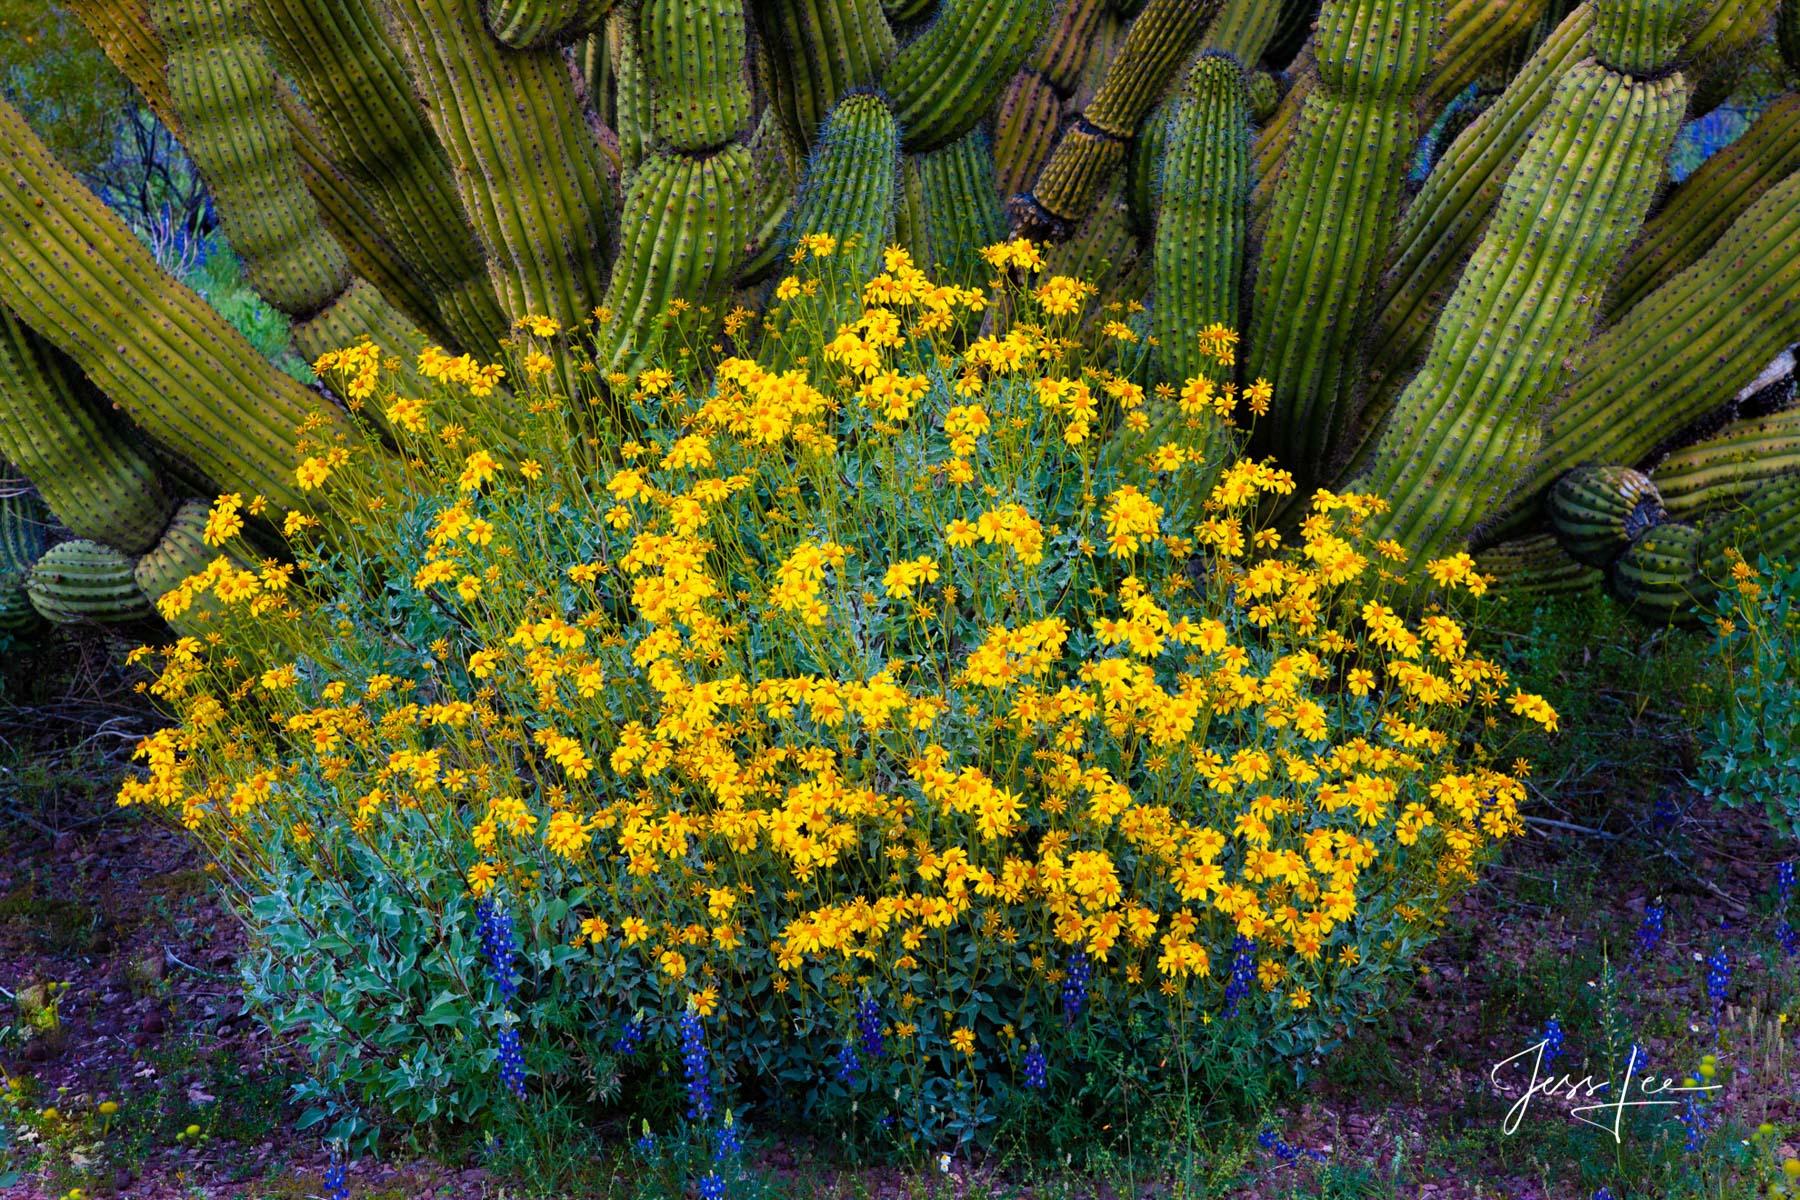 Organ Pipe Cactus growing abundantly in the Arizona desert.